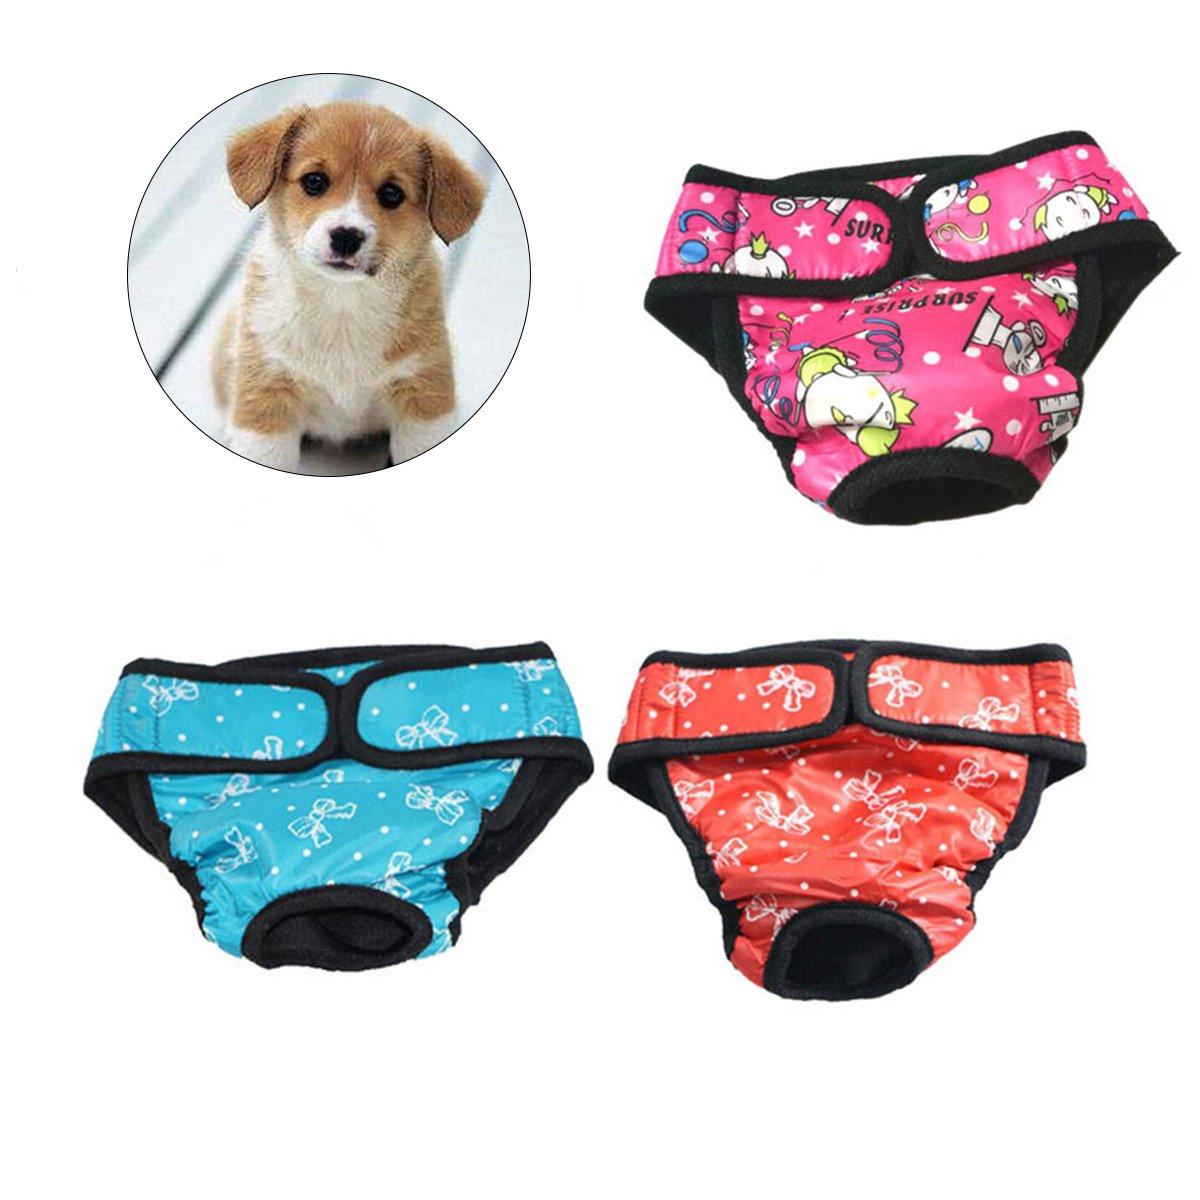 UEETEK Pañales para Perro Sanitarios Fisiológicas Bragas Lavable Pantalones de pañales para Perro Mascotas - 3 Piezas: Amazon.es: Productos para mascotas